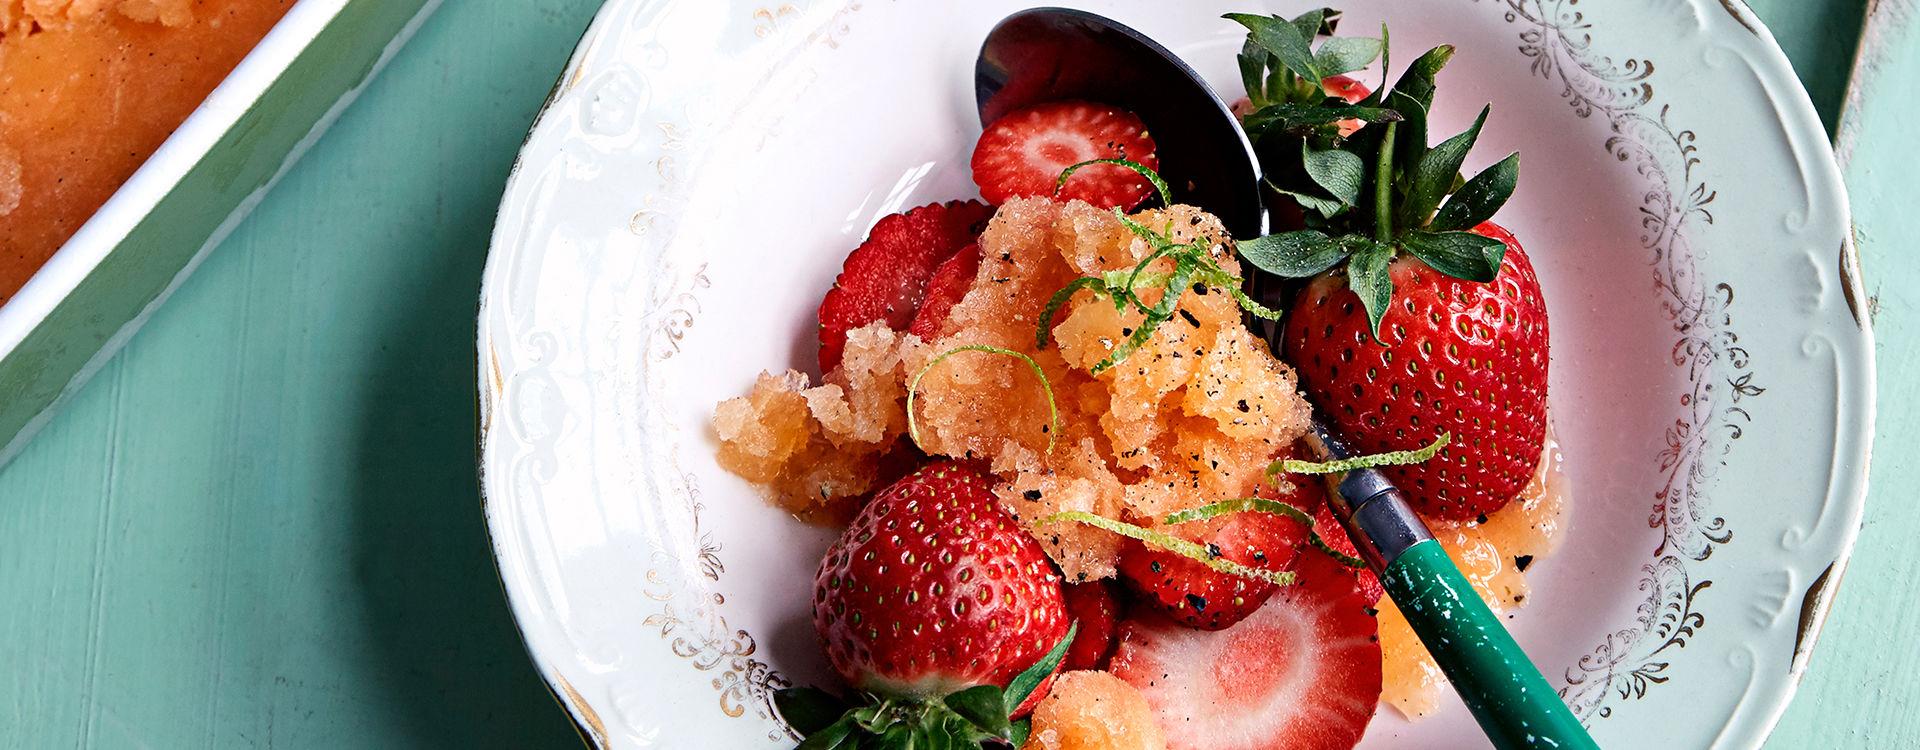 Jordbær med granité av cantaloupemelon fra Tinas sommer-oppskrifter.